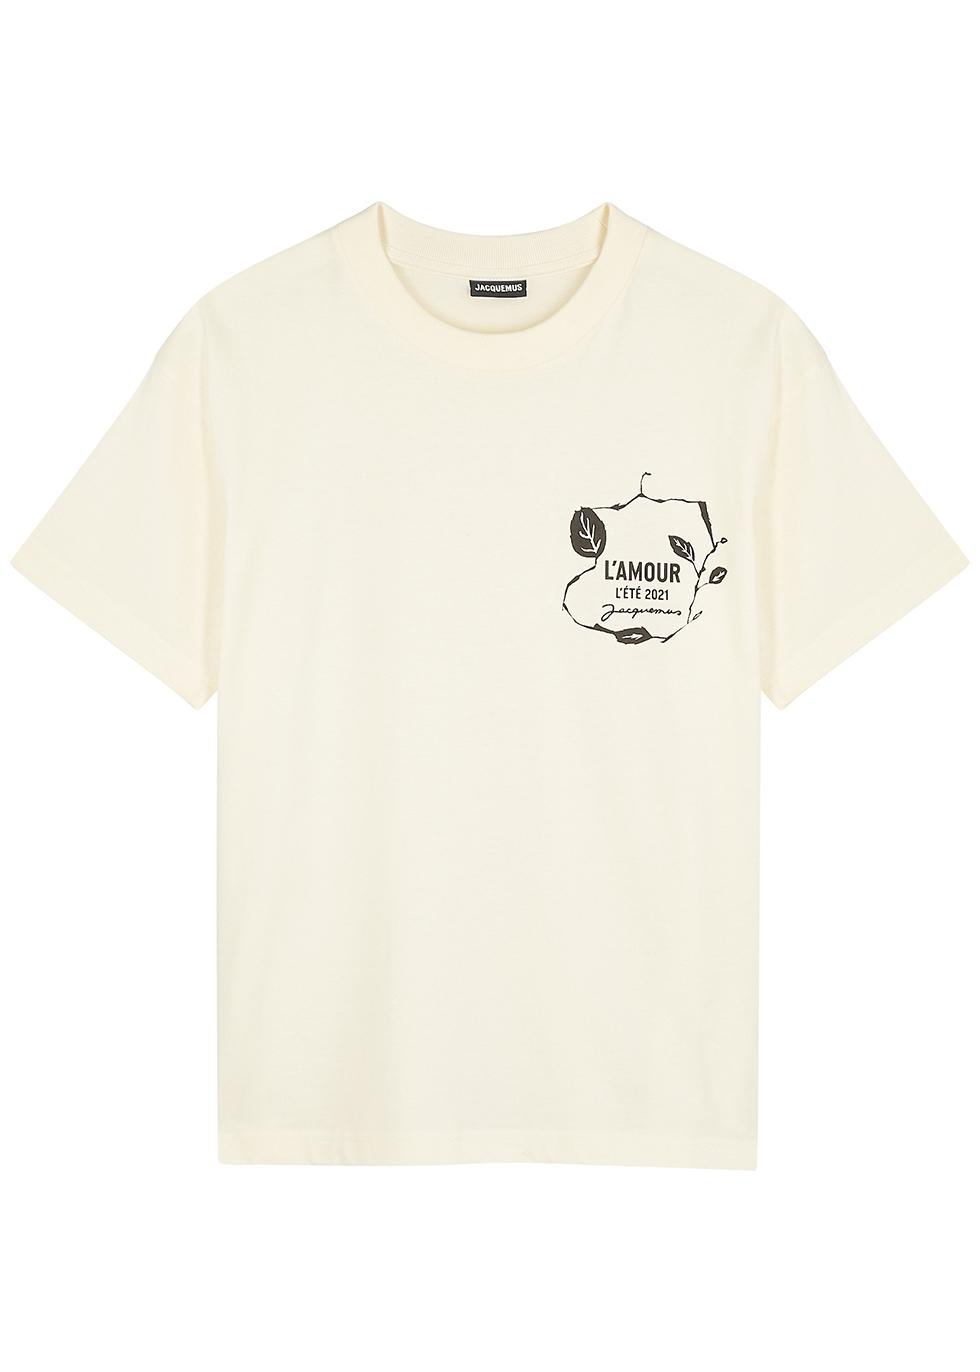 Le T-shirt L'Amour cream cotton T-shirt